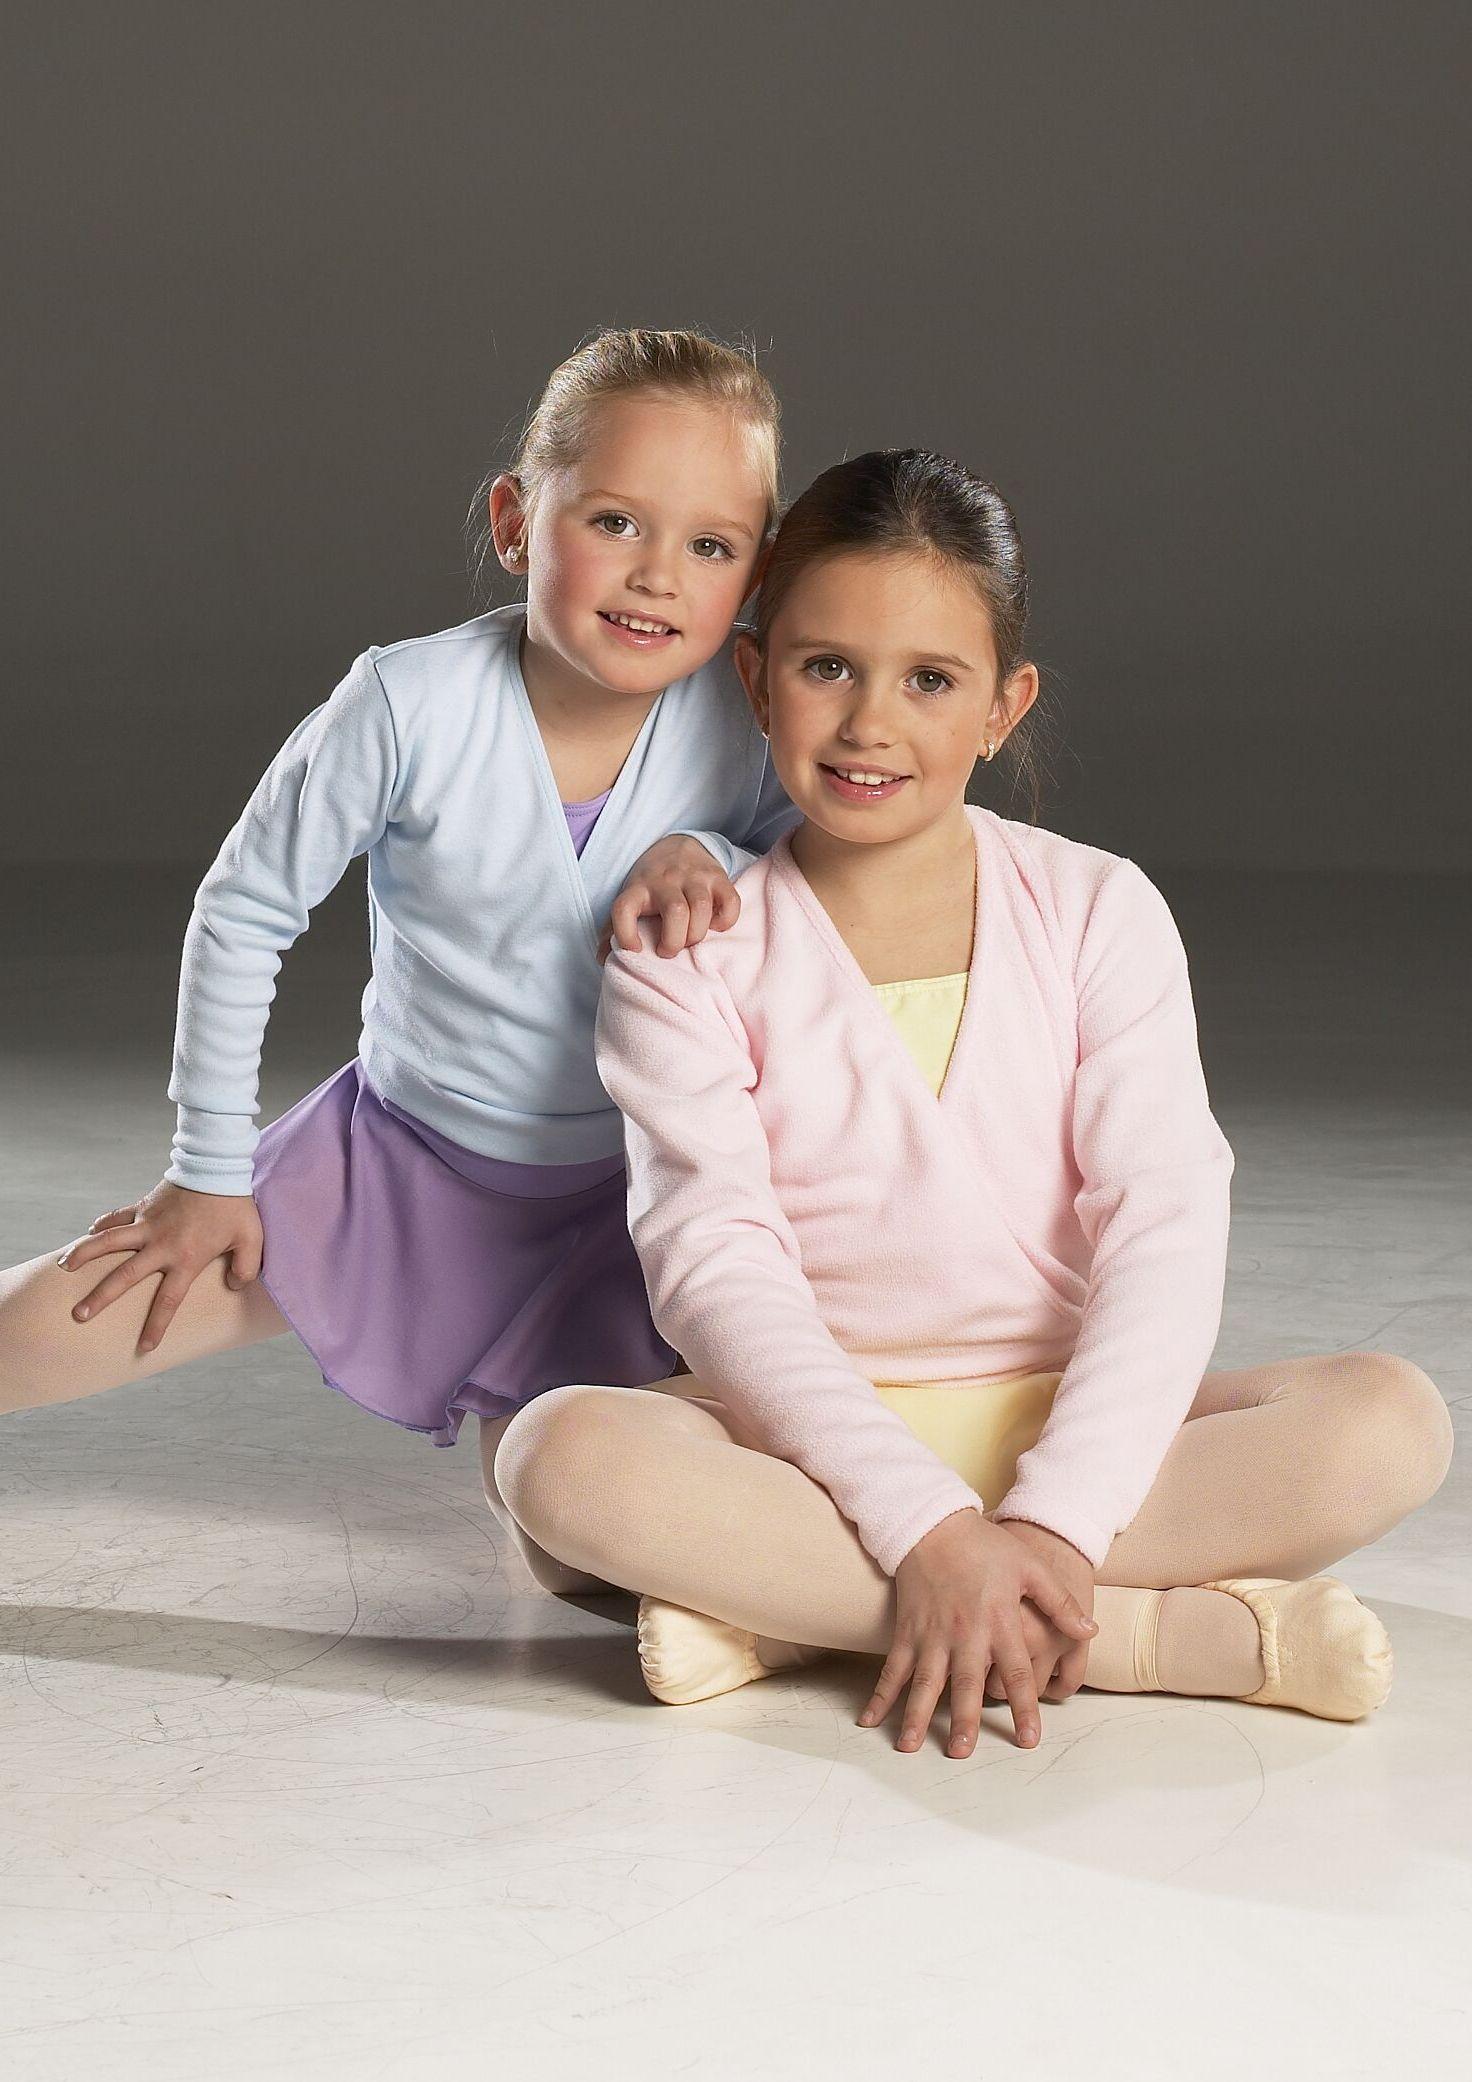 Girls Ballet Dance Warm-Up Items